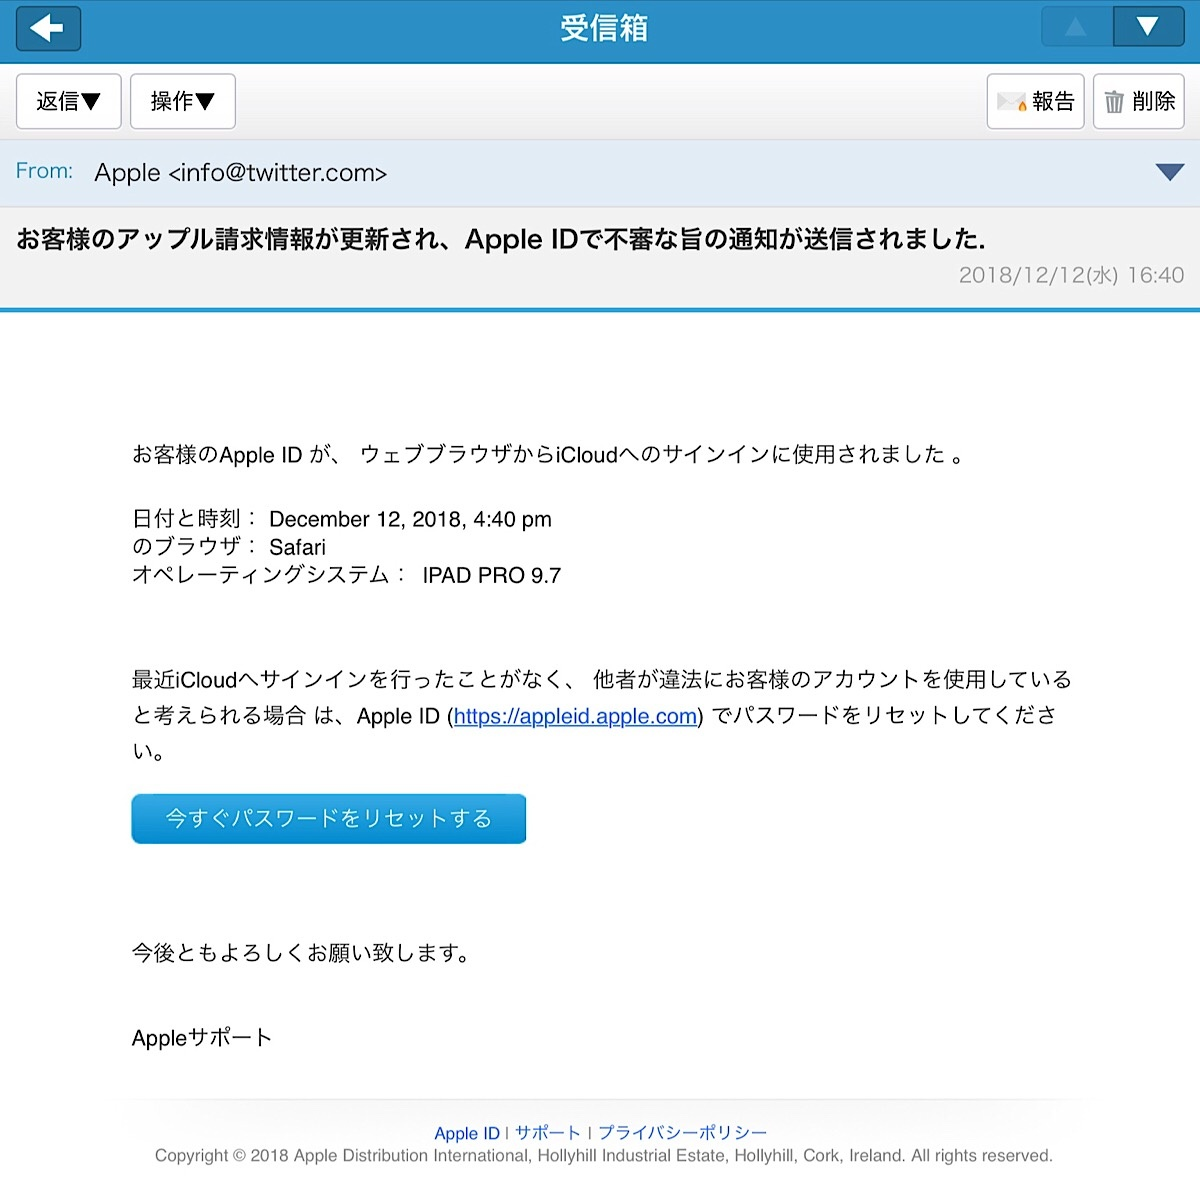 お客様のアップル請求情報が更新され、Apple IDで不審な旨の通知が送信されました.